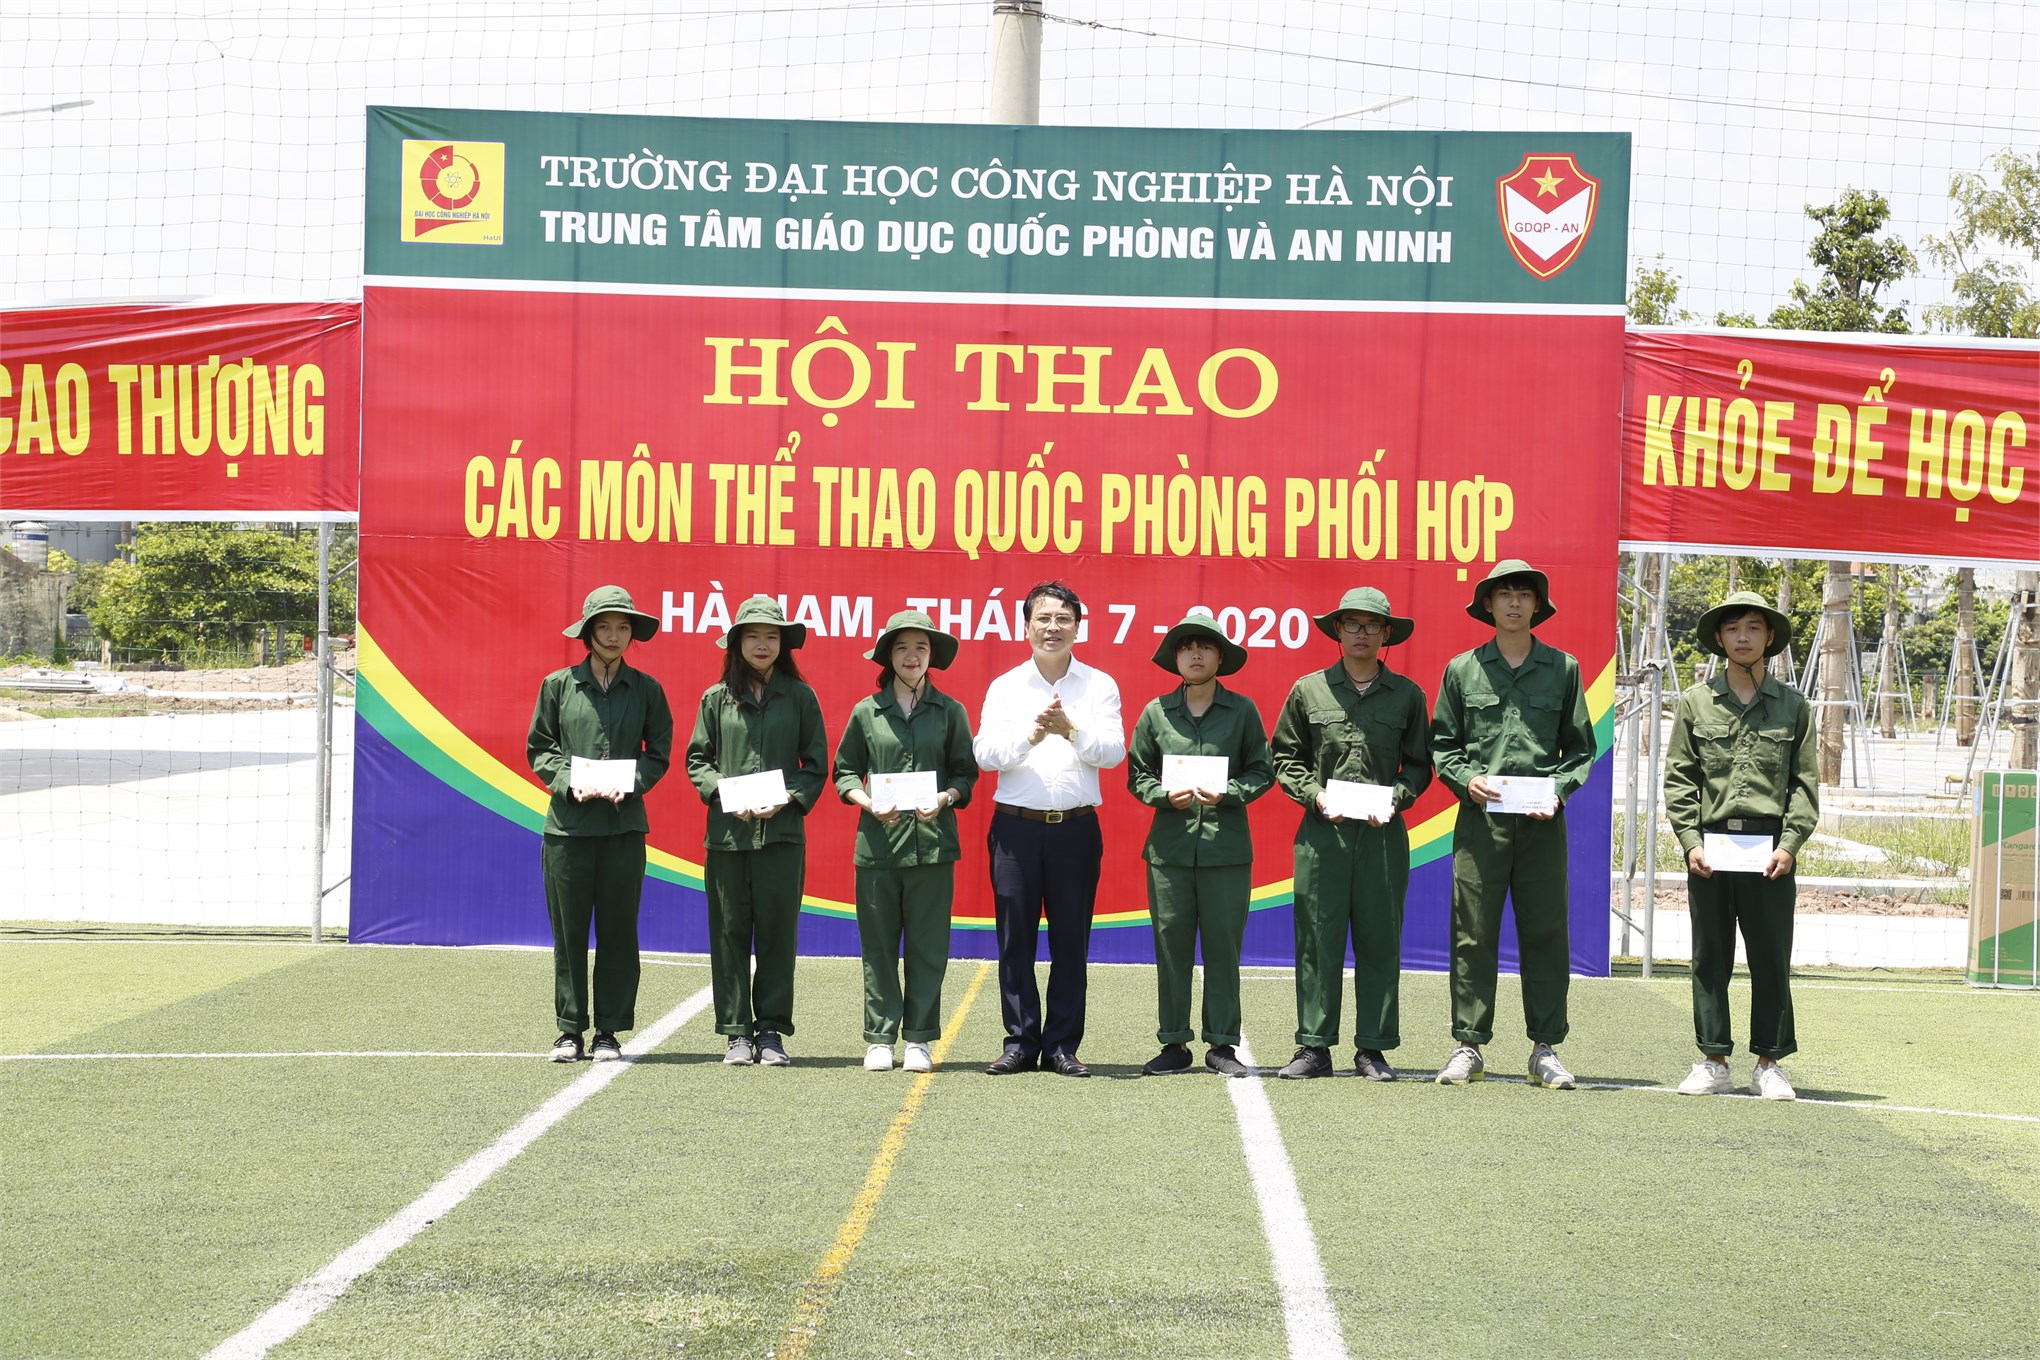 Hội thao các môn thể thao quốc phòng phối hợp và giao lưu văn nghệ tại Trung tâm GDQP&AN trường Đại học Công nghiệp Hà Nội